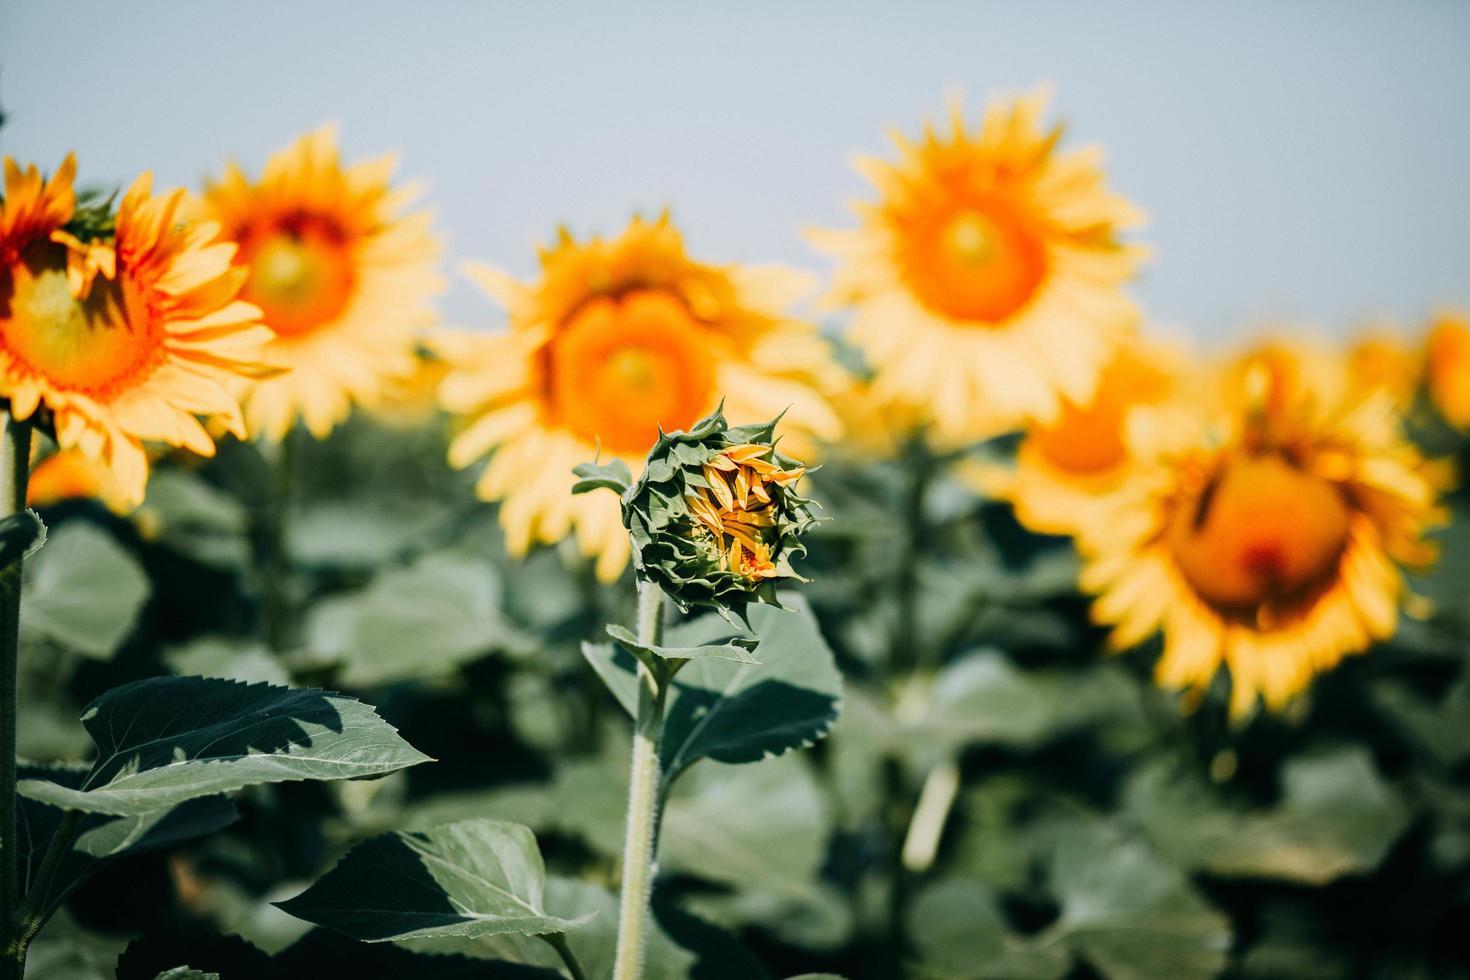 Close-up of a sunflower blossom photo